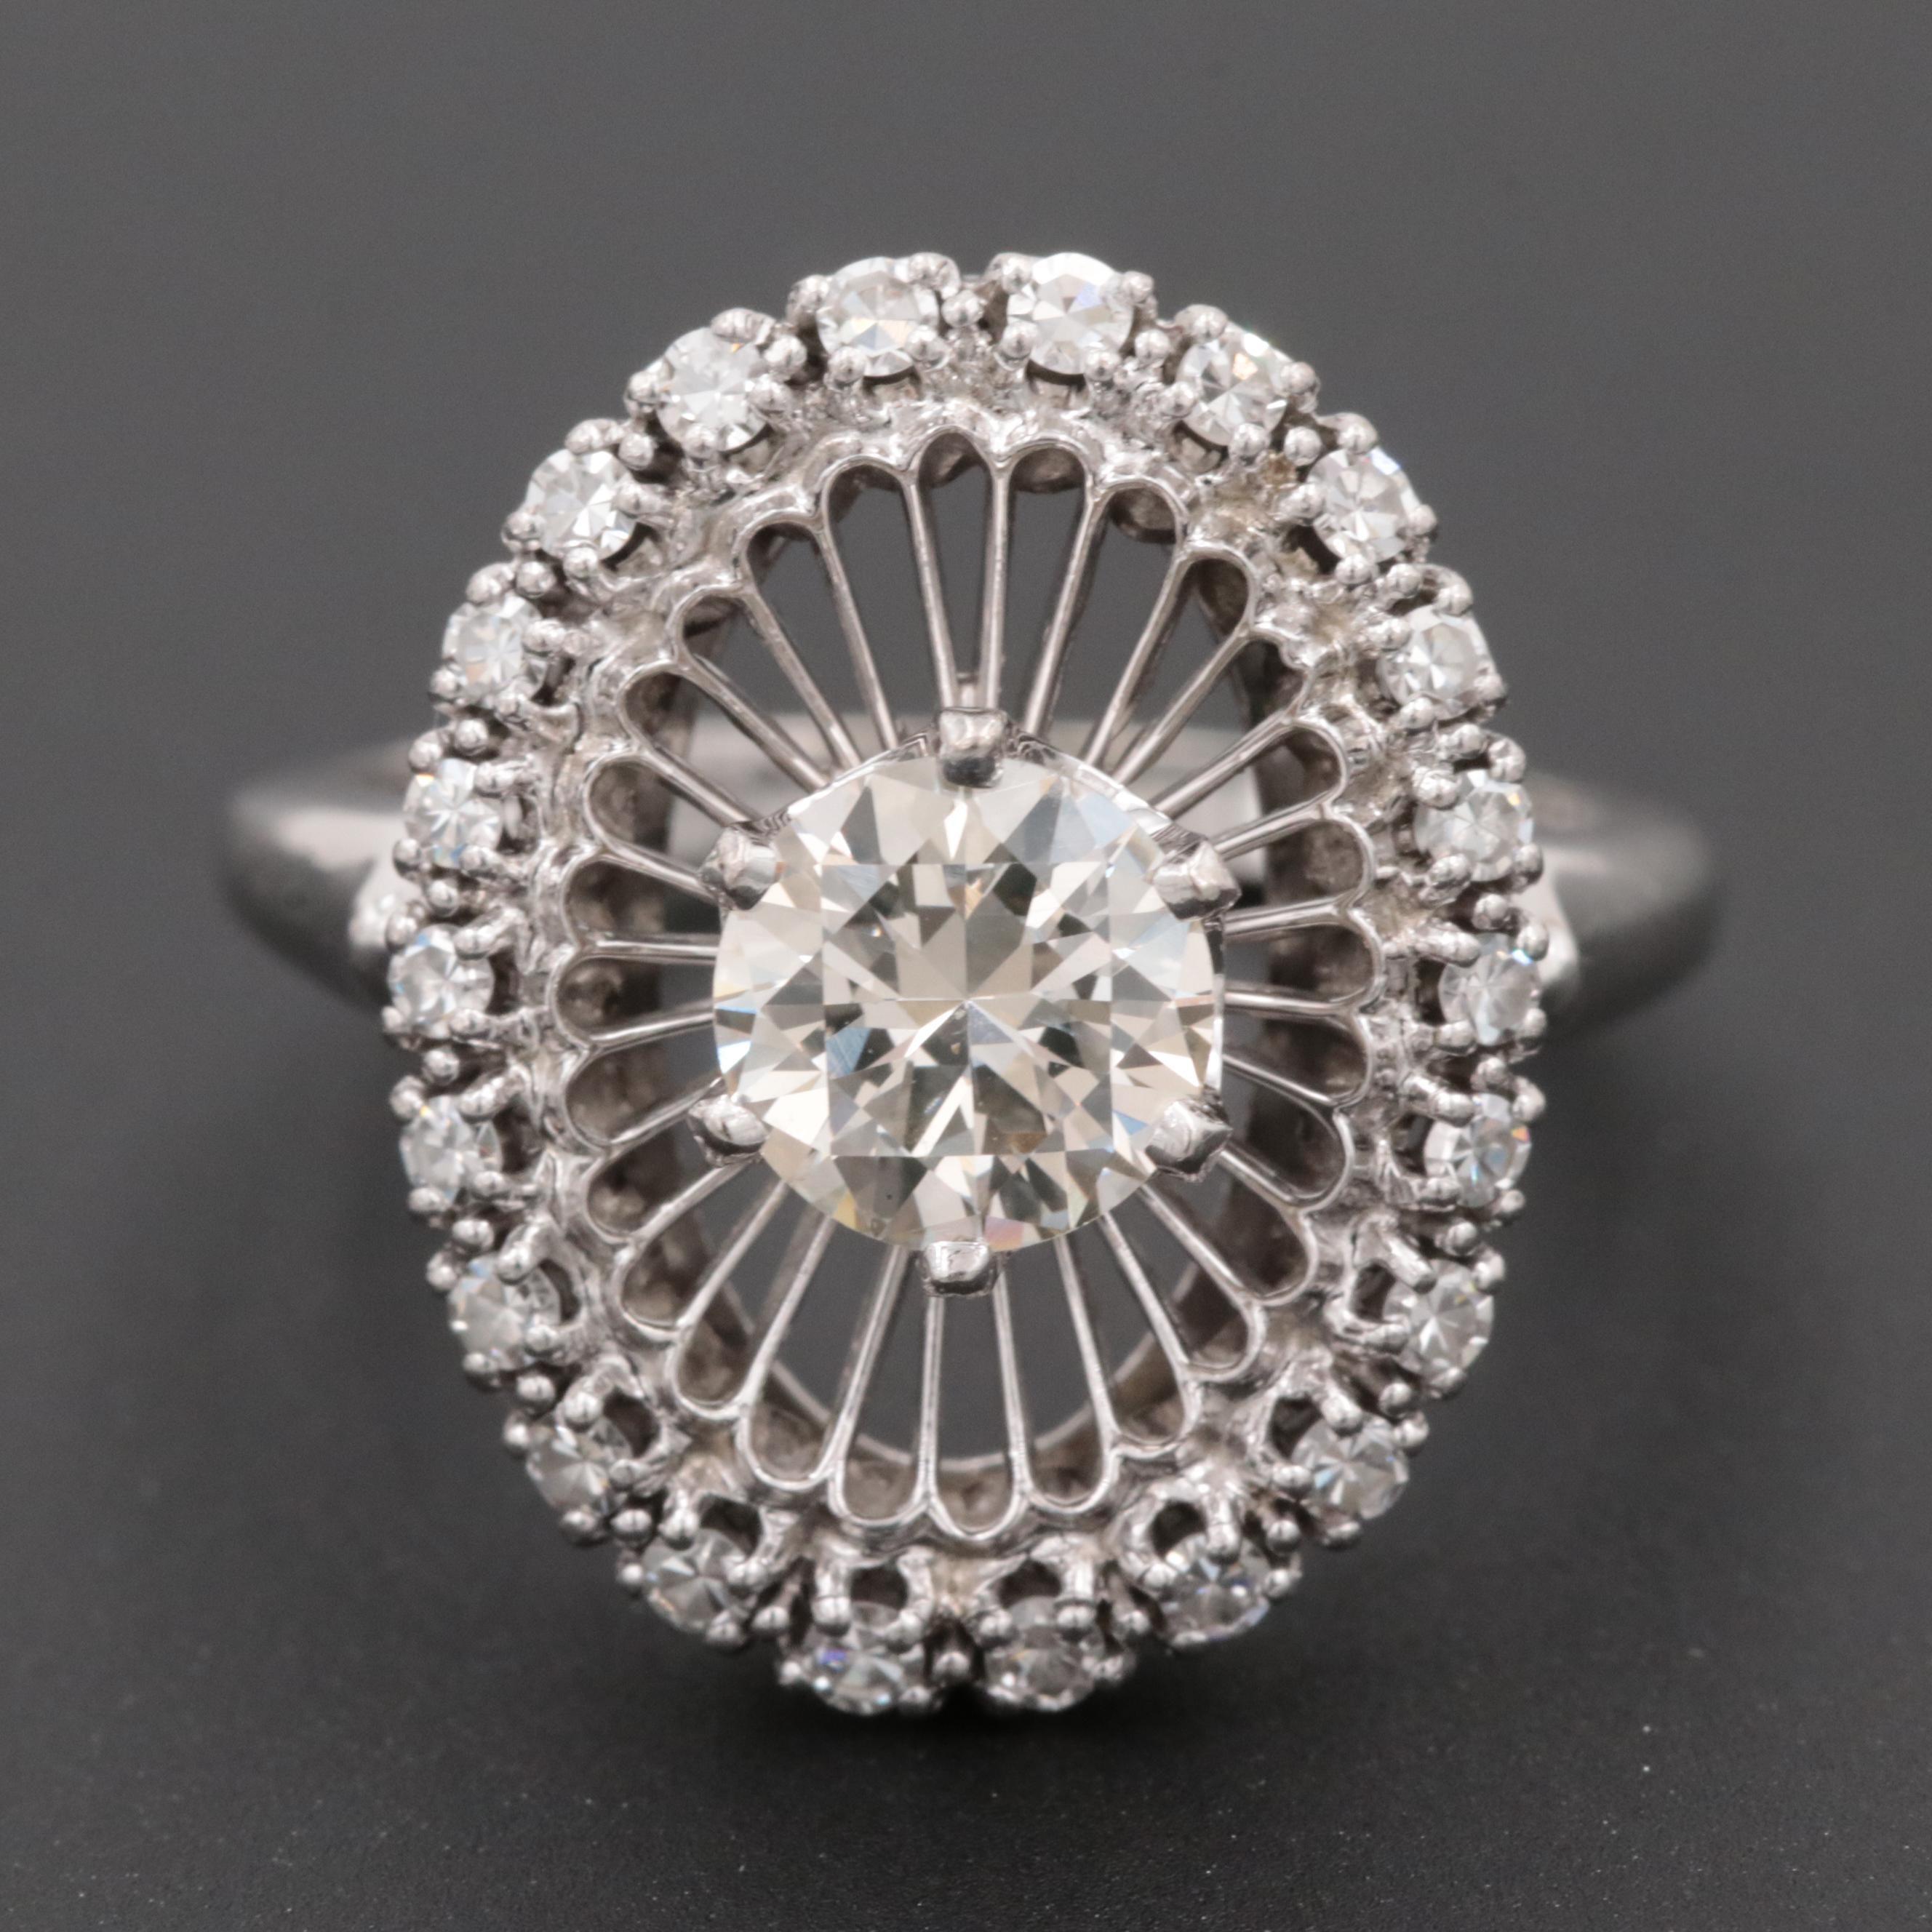 18K White Gold and Palladium Diamond Ring